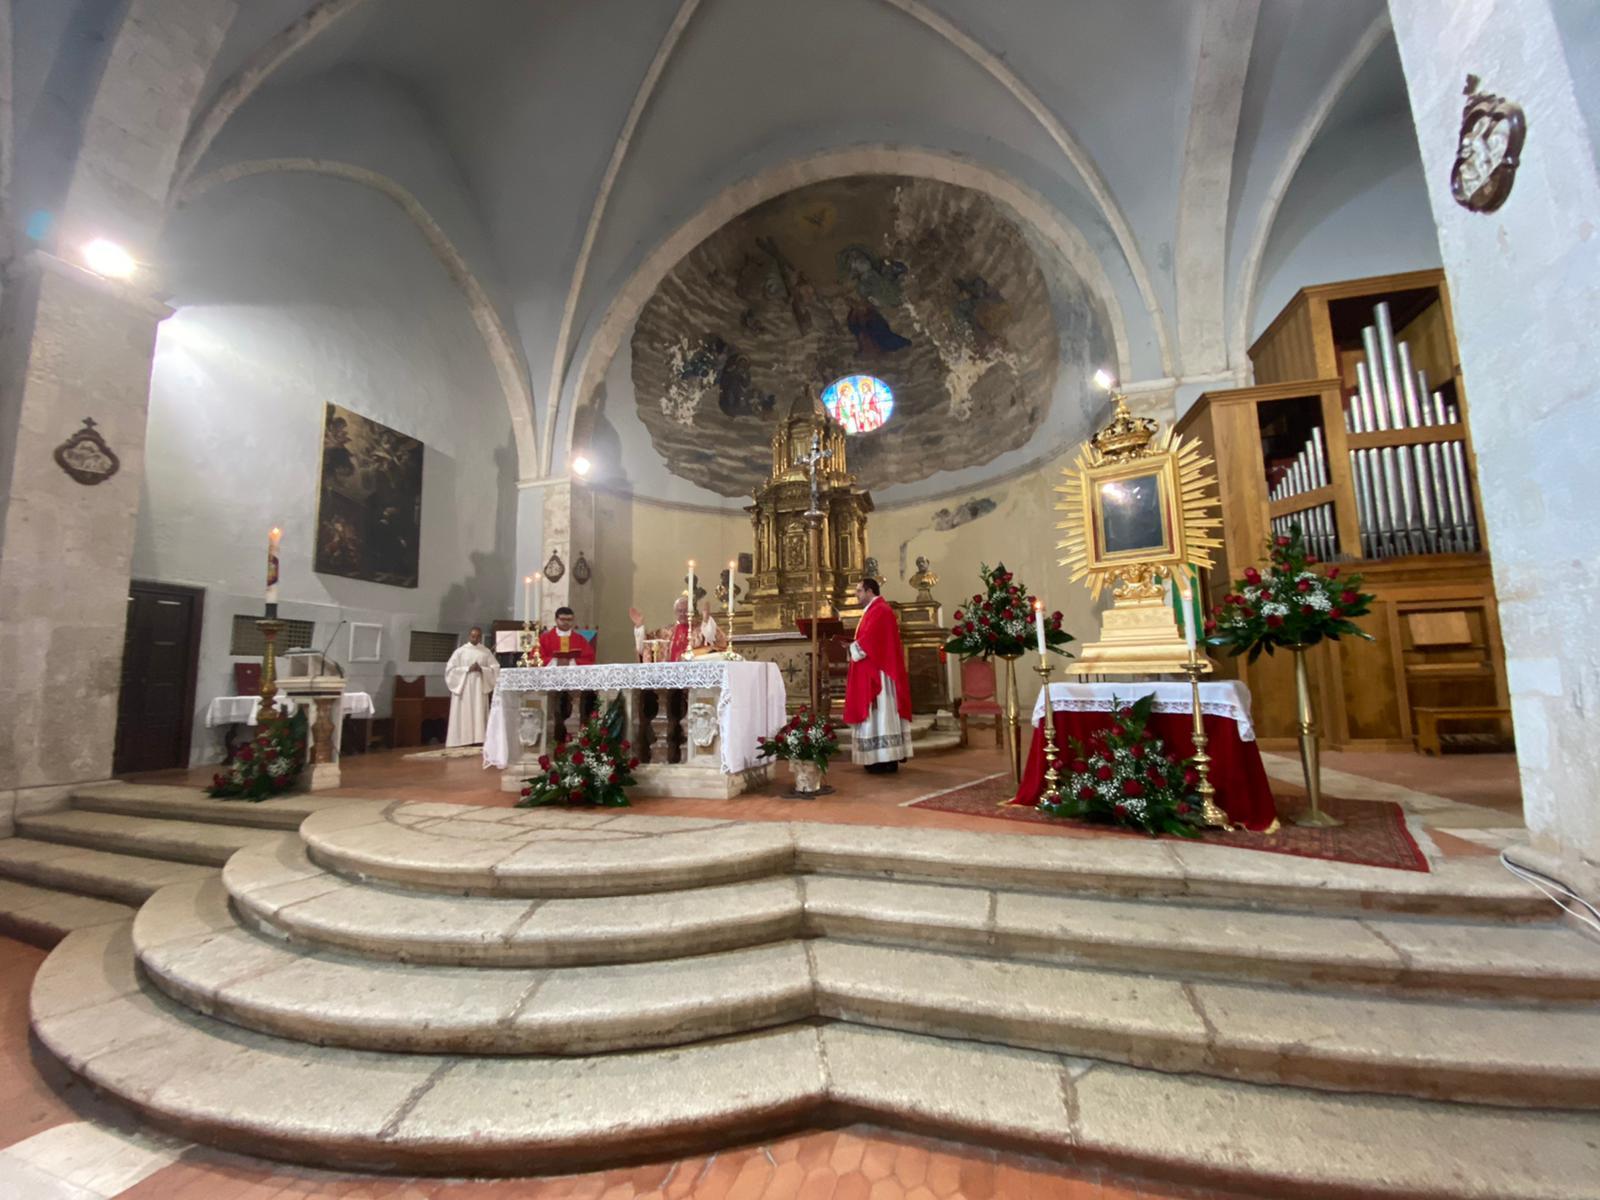 La festa del Volto santo a Tagliacozzo ai tempi del coronavirus, una piazza virtualmente affollata per una preghiera al ritorno ad una normalità della città e del mondo